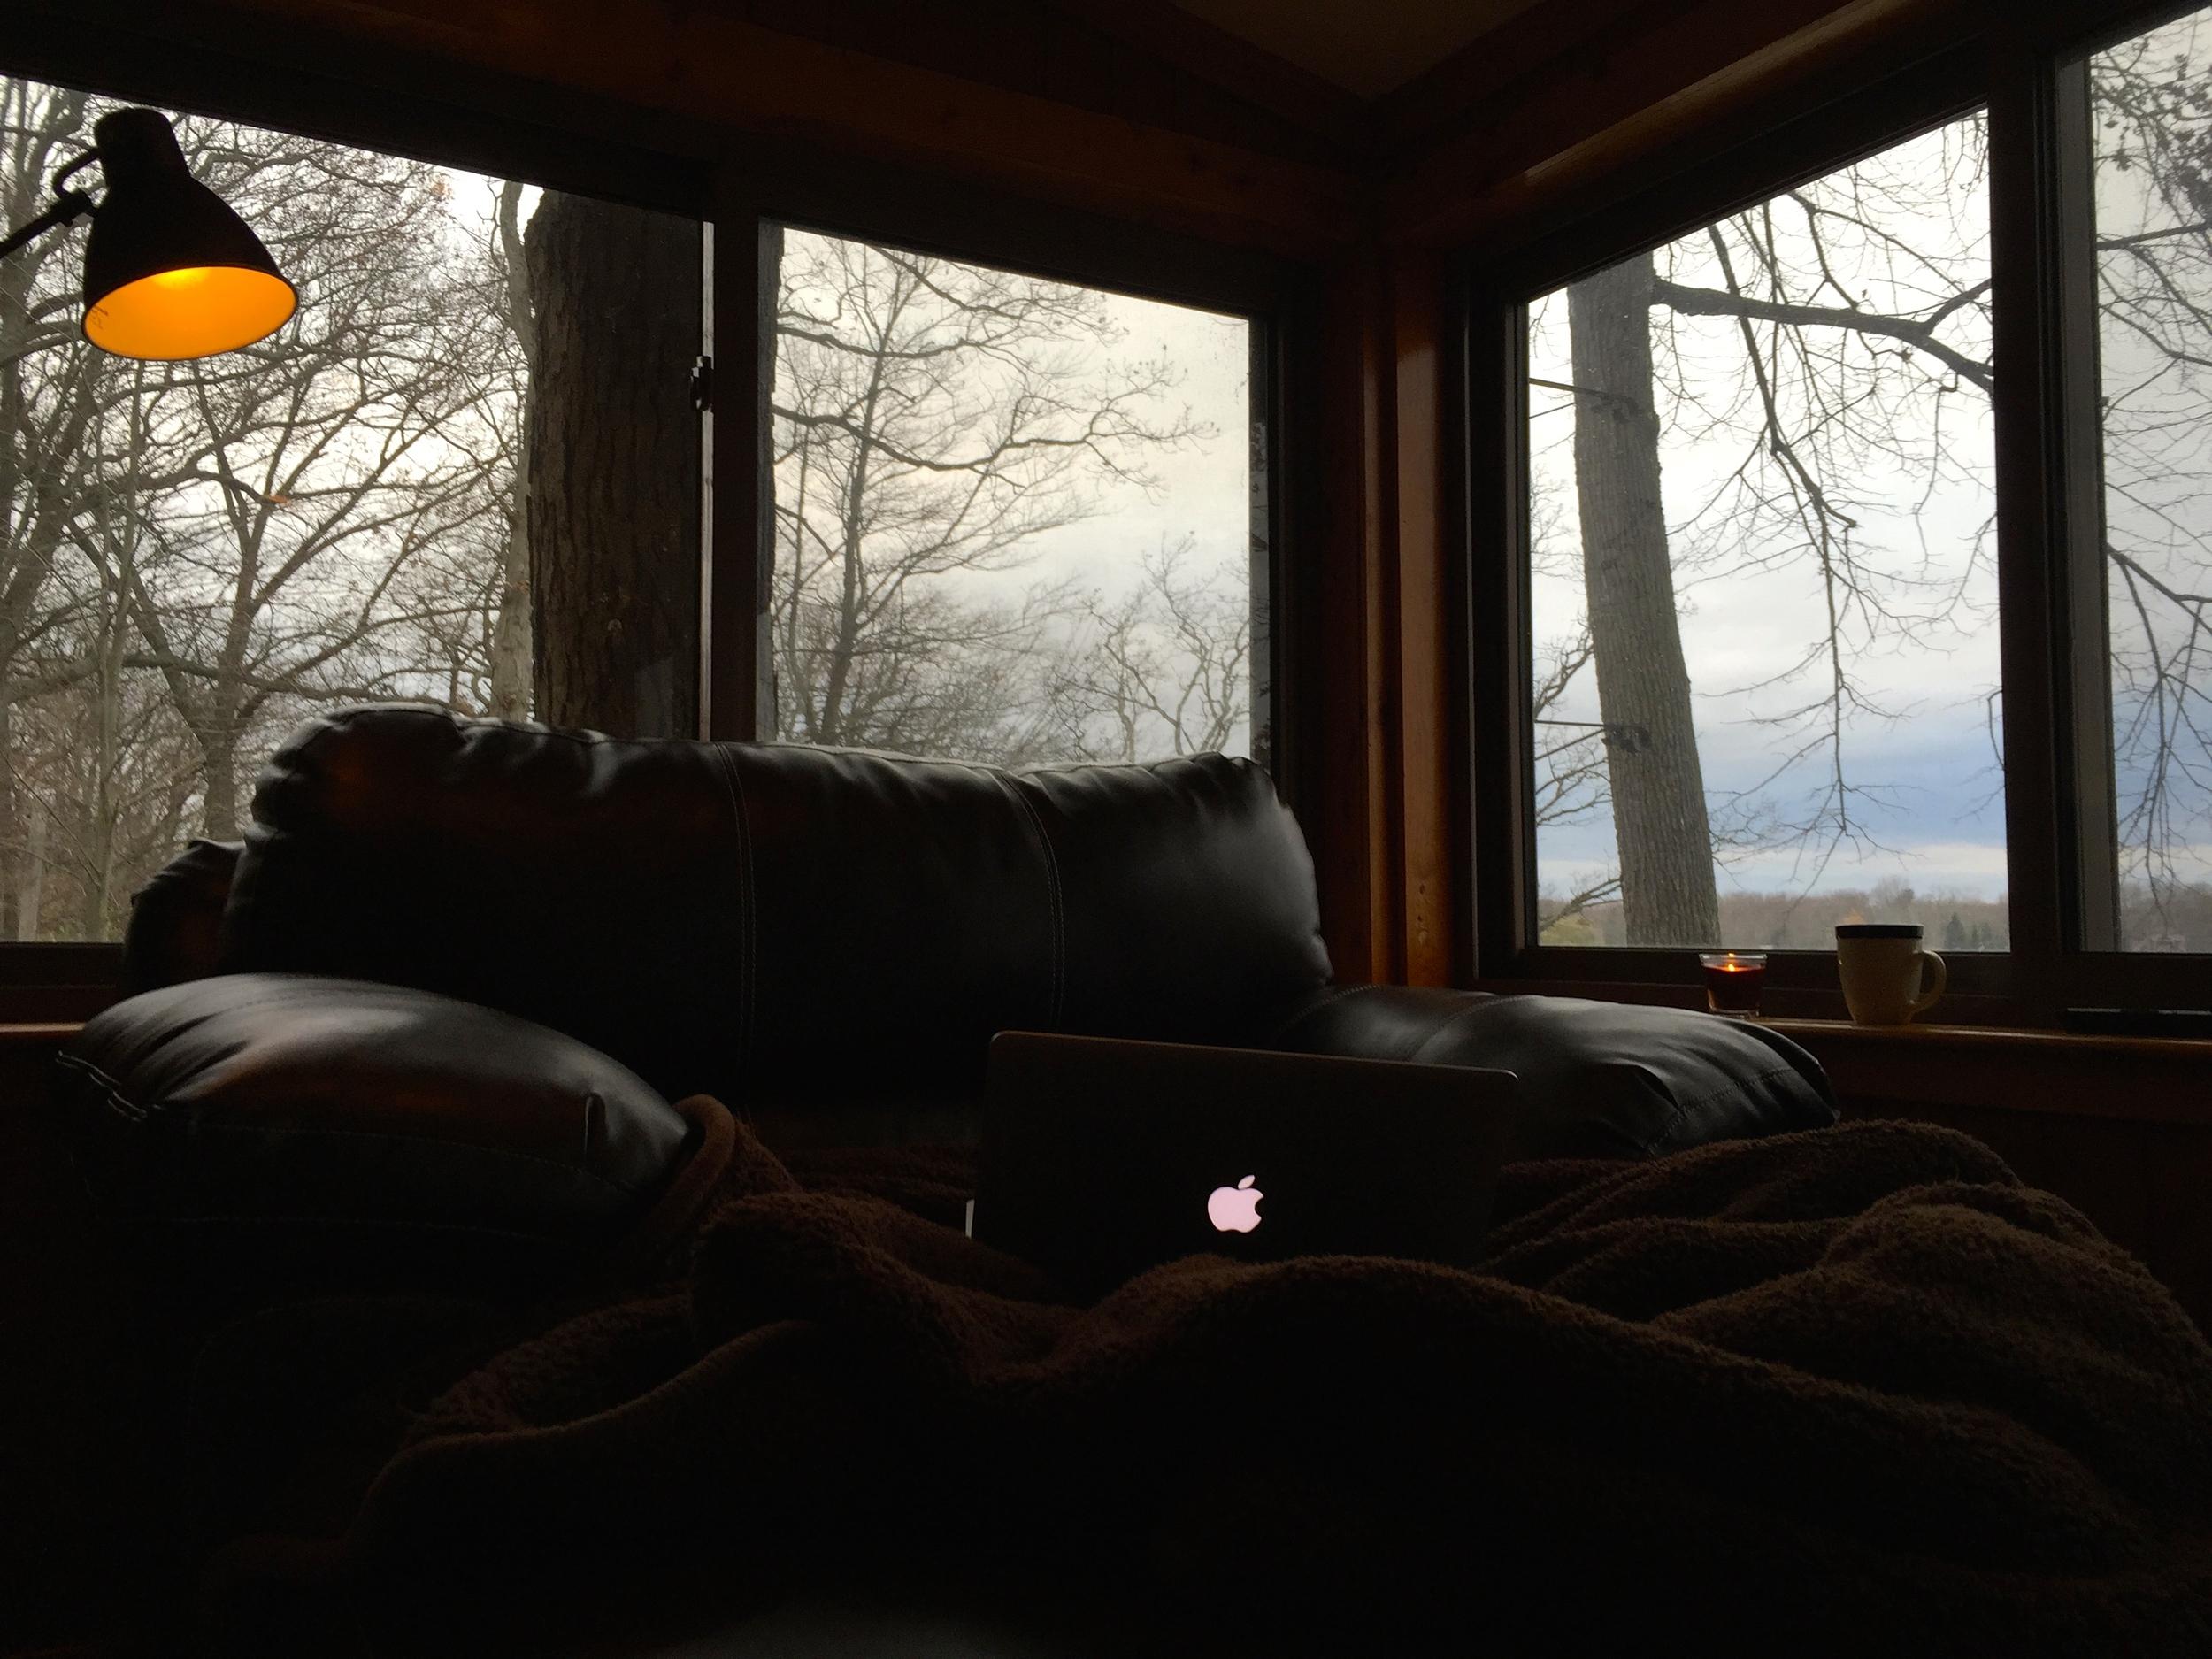 Oversized sofa chair overlooking lake.